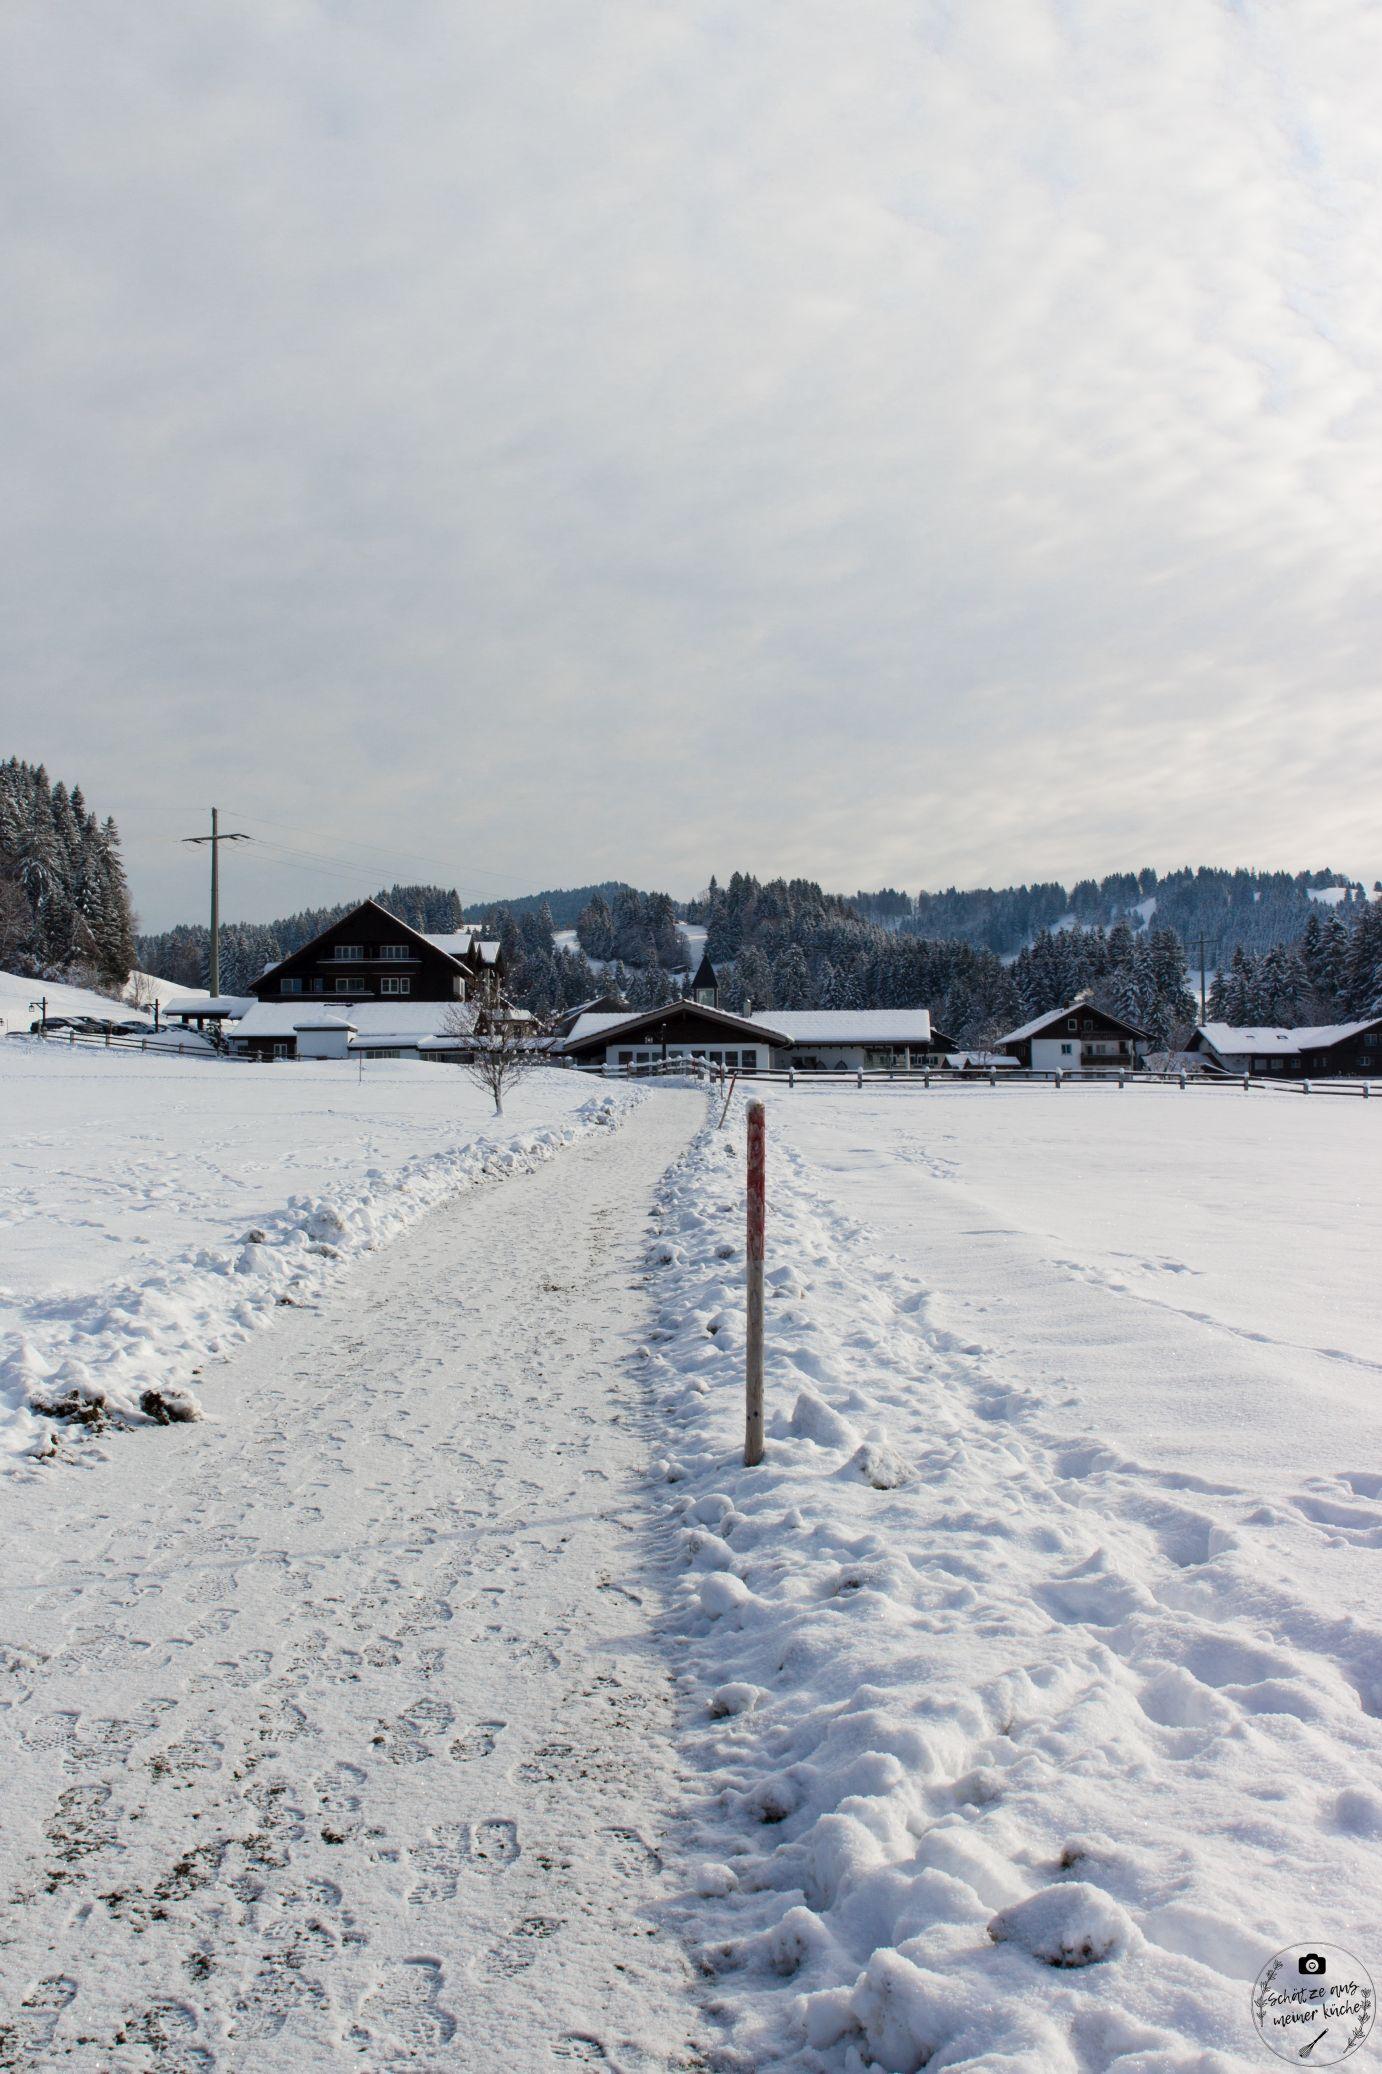 Haubers Naturresort Wellness im Schnee